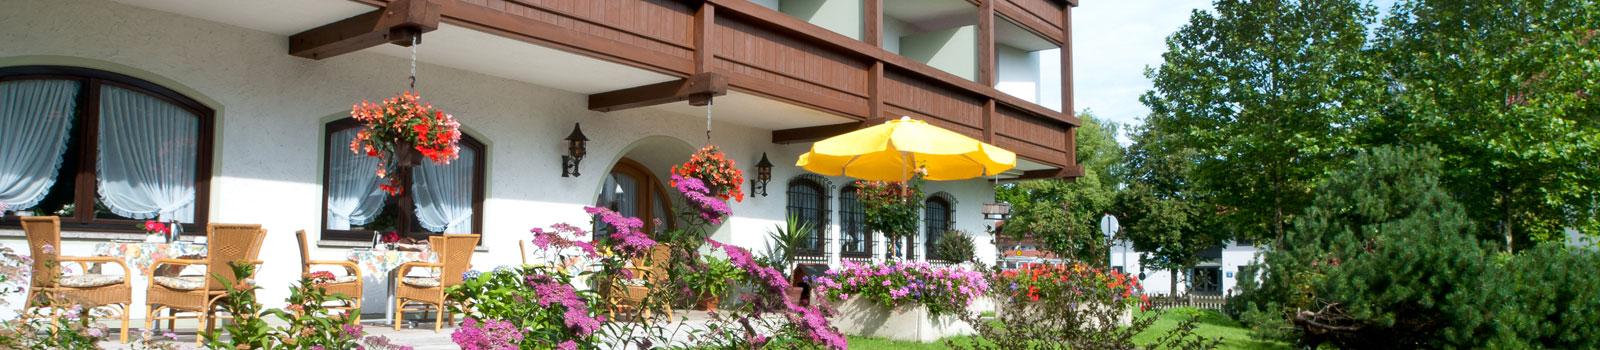 Hotel Gasthof Sperrer